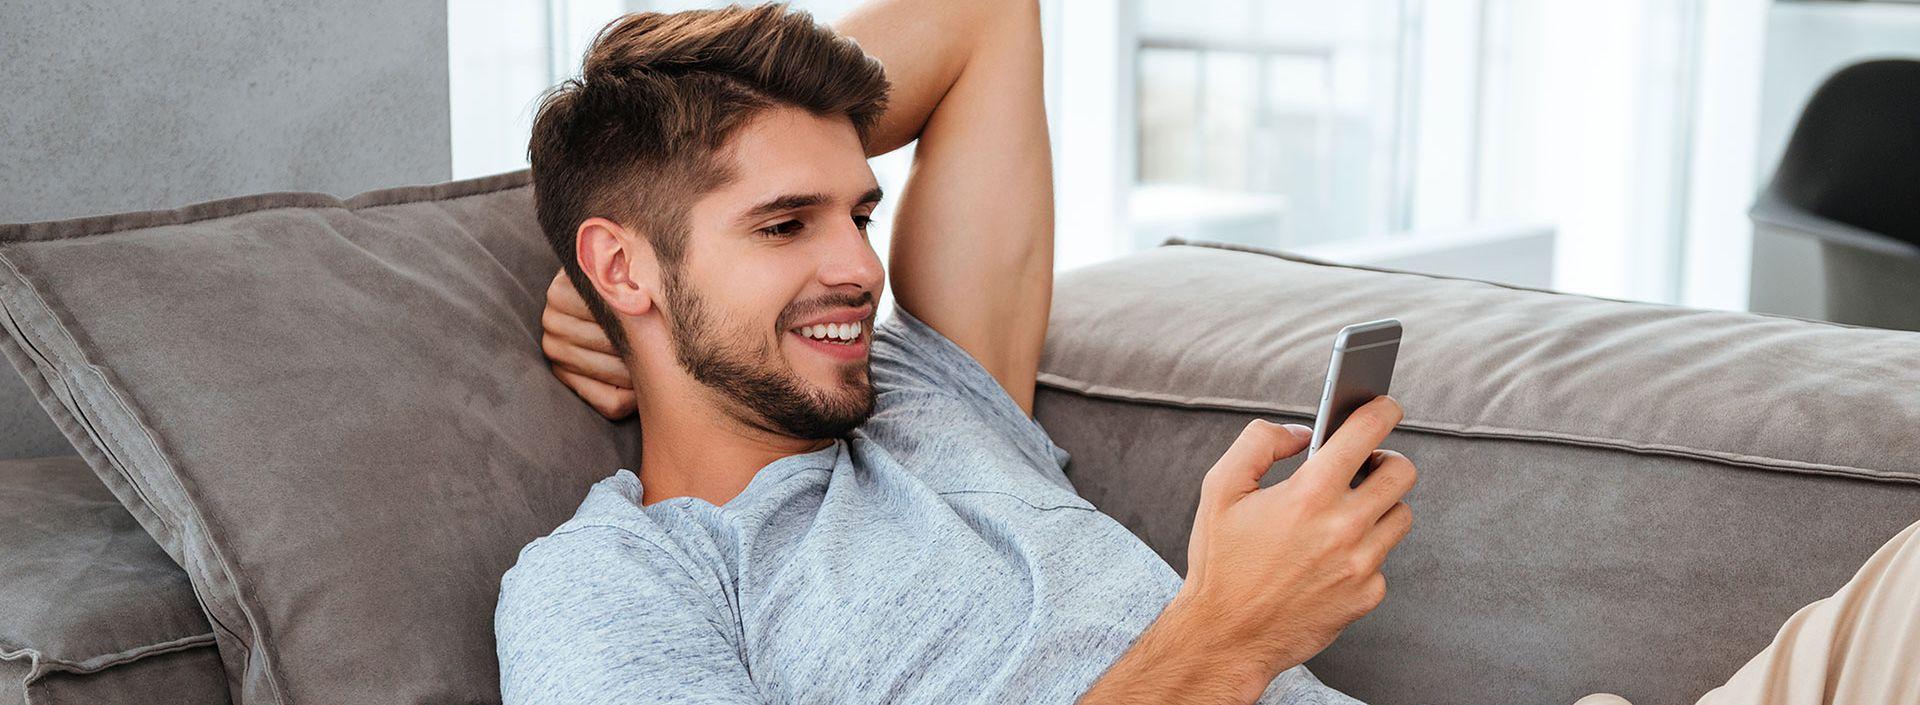 jak przesłać przykład randki online